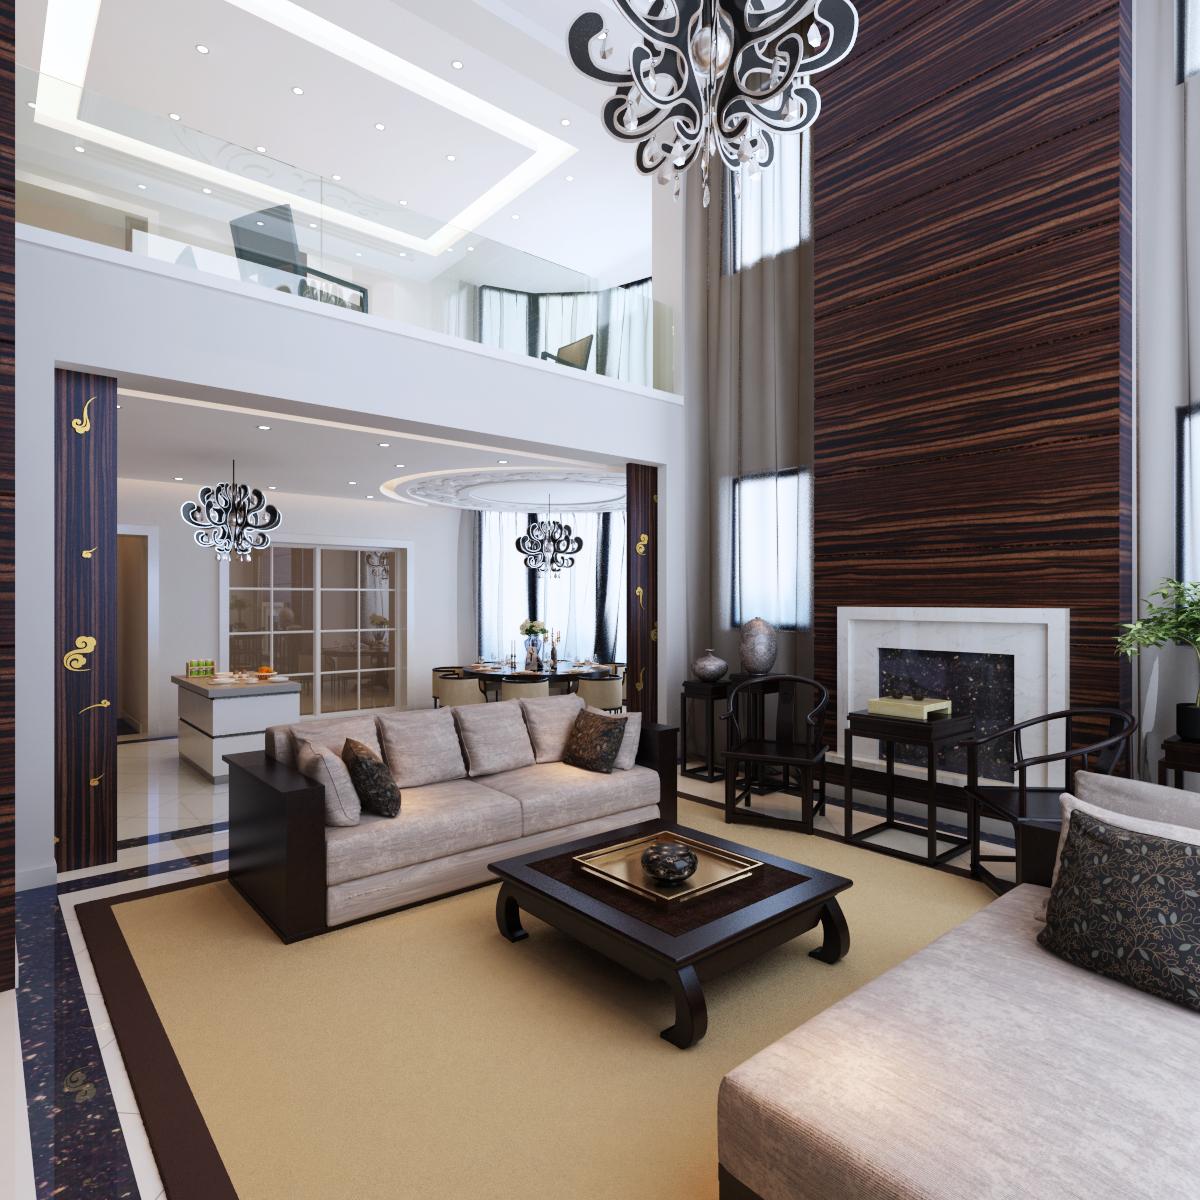 别墅 白领 新中式 客厅 客厅图片来自北京别墅装修案例在文化的沉淀艺术的追求的分享